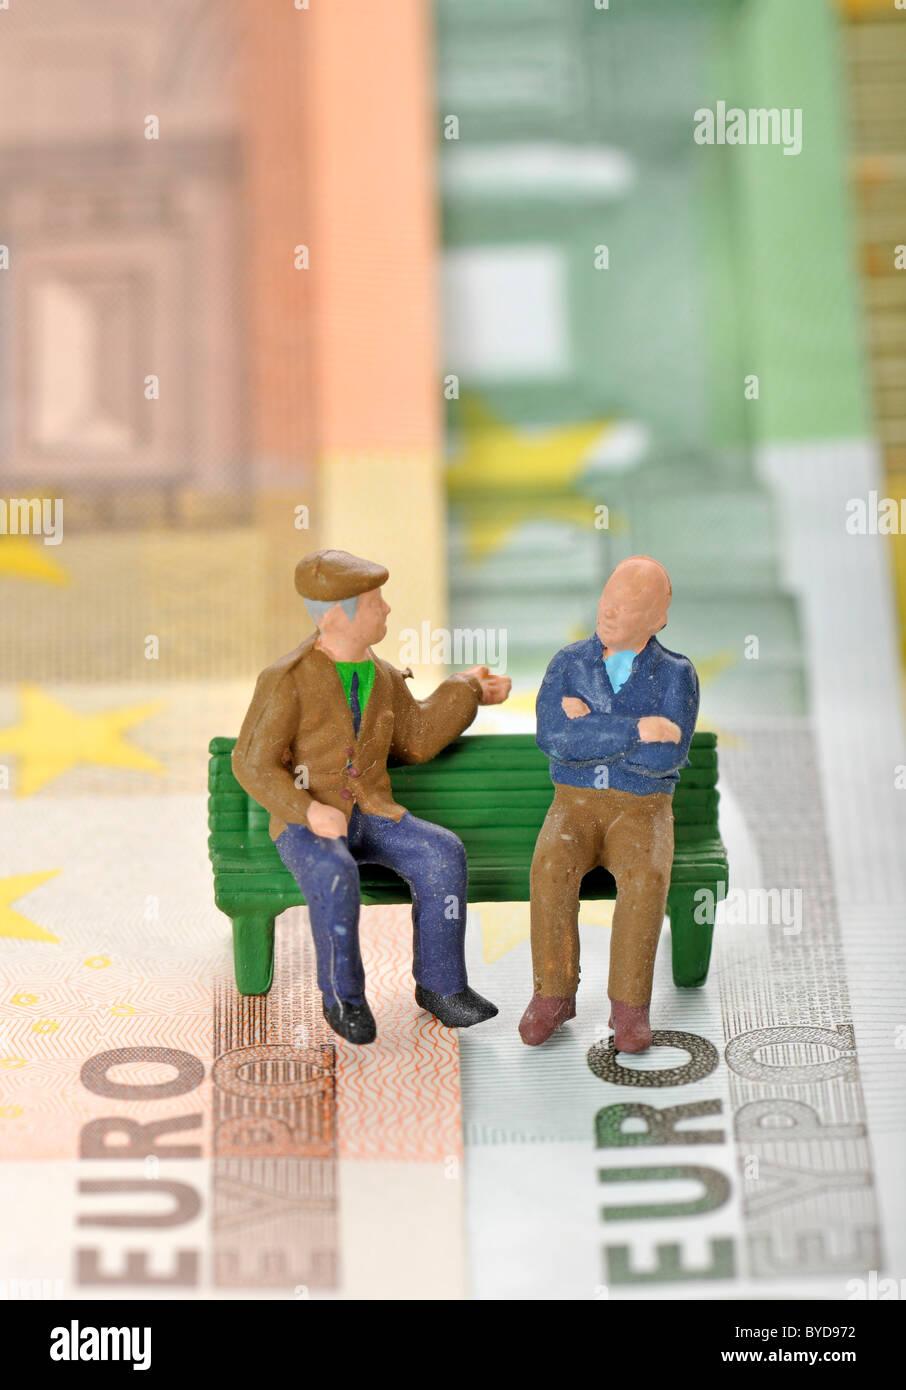 Miniatura figure di anziani su una panchina nel parco su varie banconote in euro, immagine simbolica per la pensione Immagini Stock